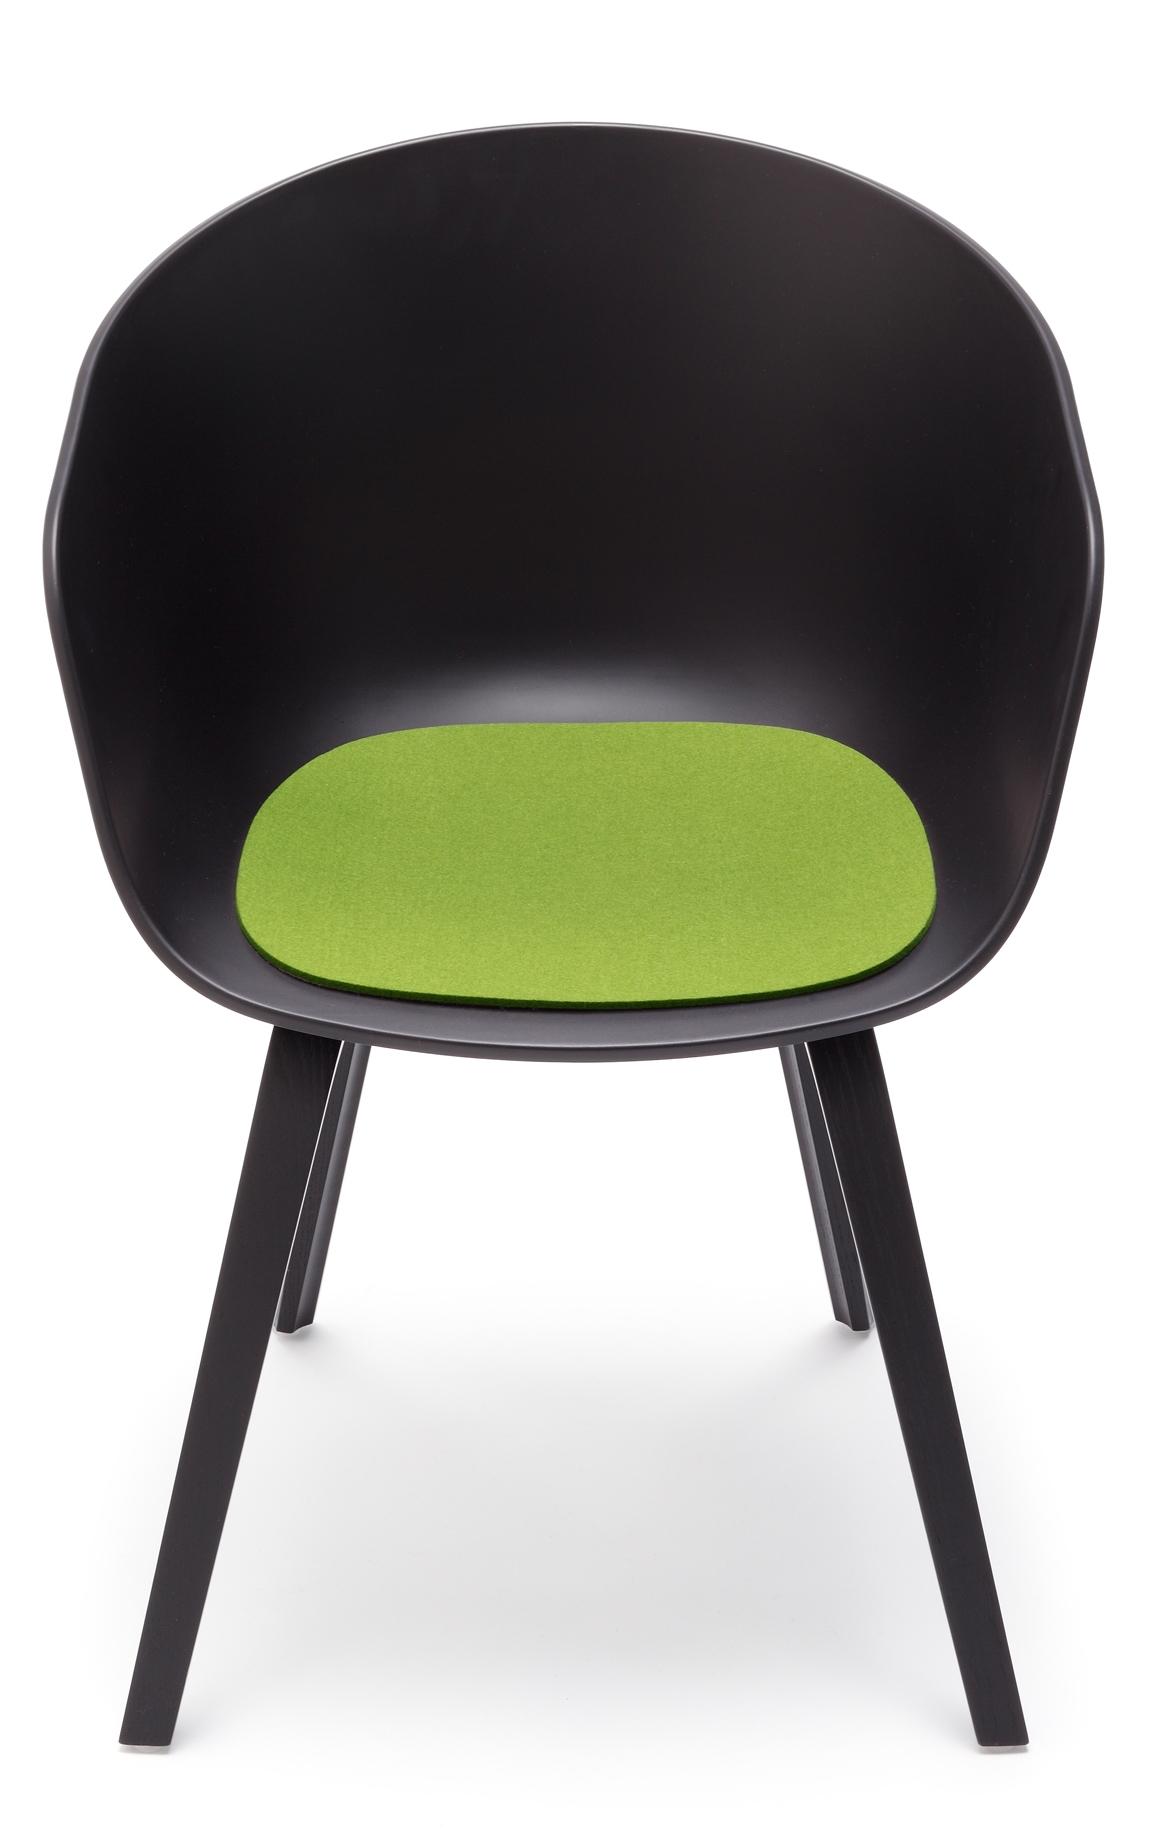 Sitzauflage - Filzauflage About A Chair AAC22 / AAC 22 Maigrün Hey Sign